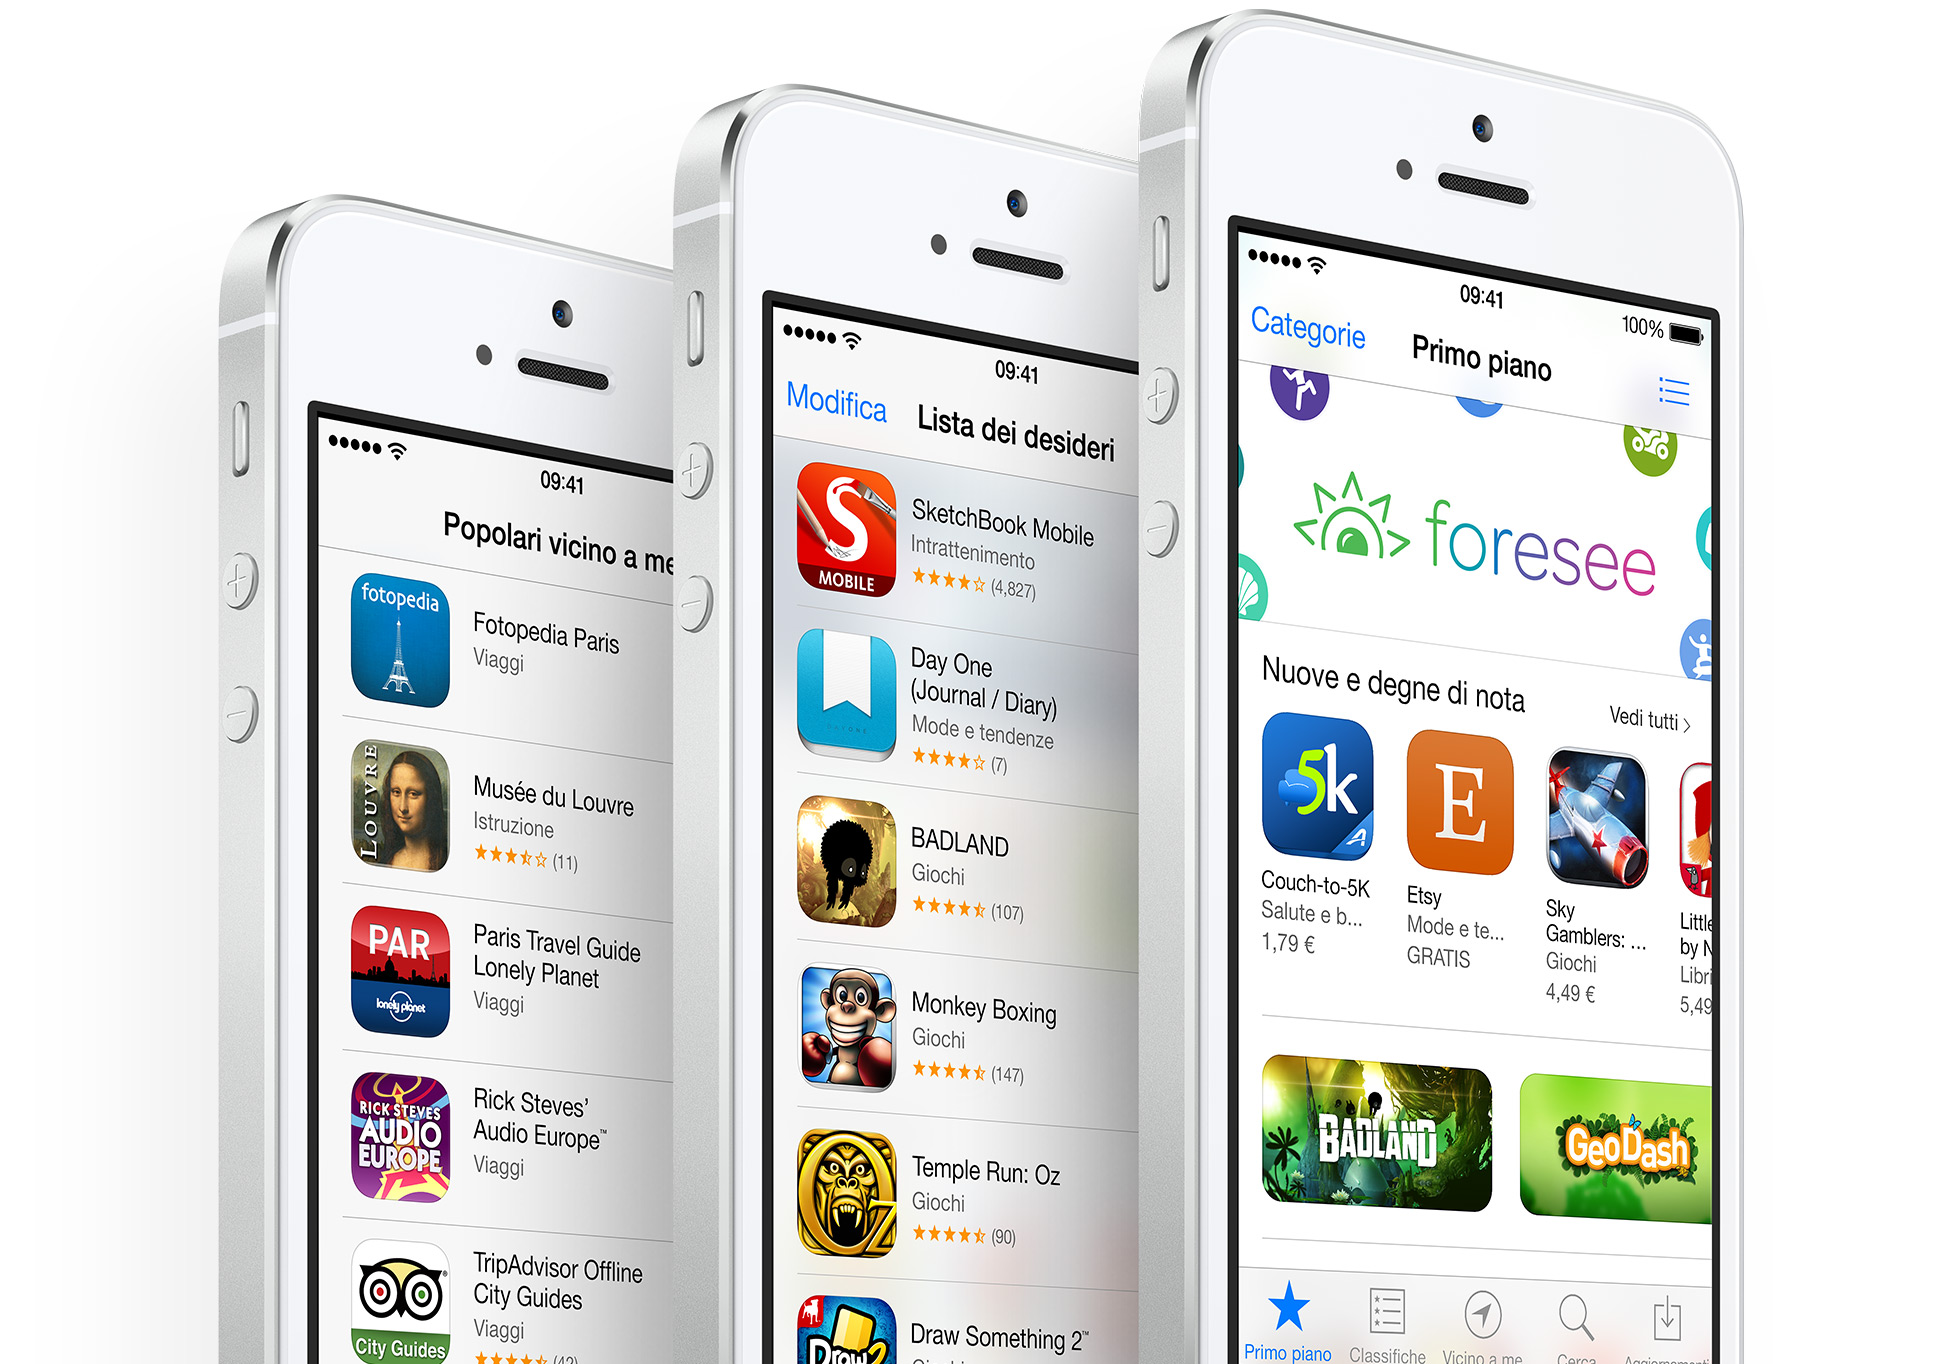 Купить Apple iPhone 5s 16GB  цена смартфона Эпл iPhone 5s